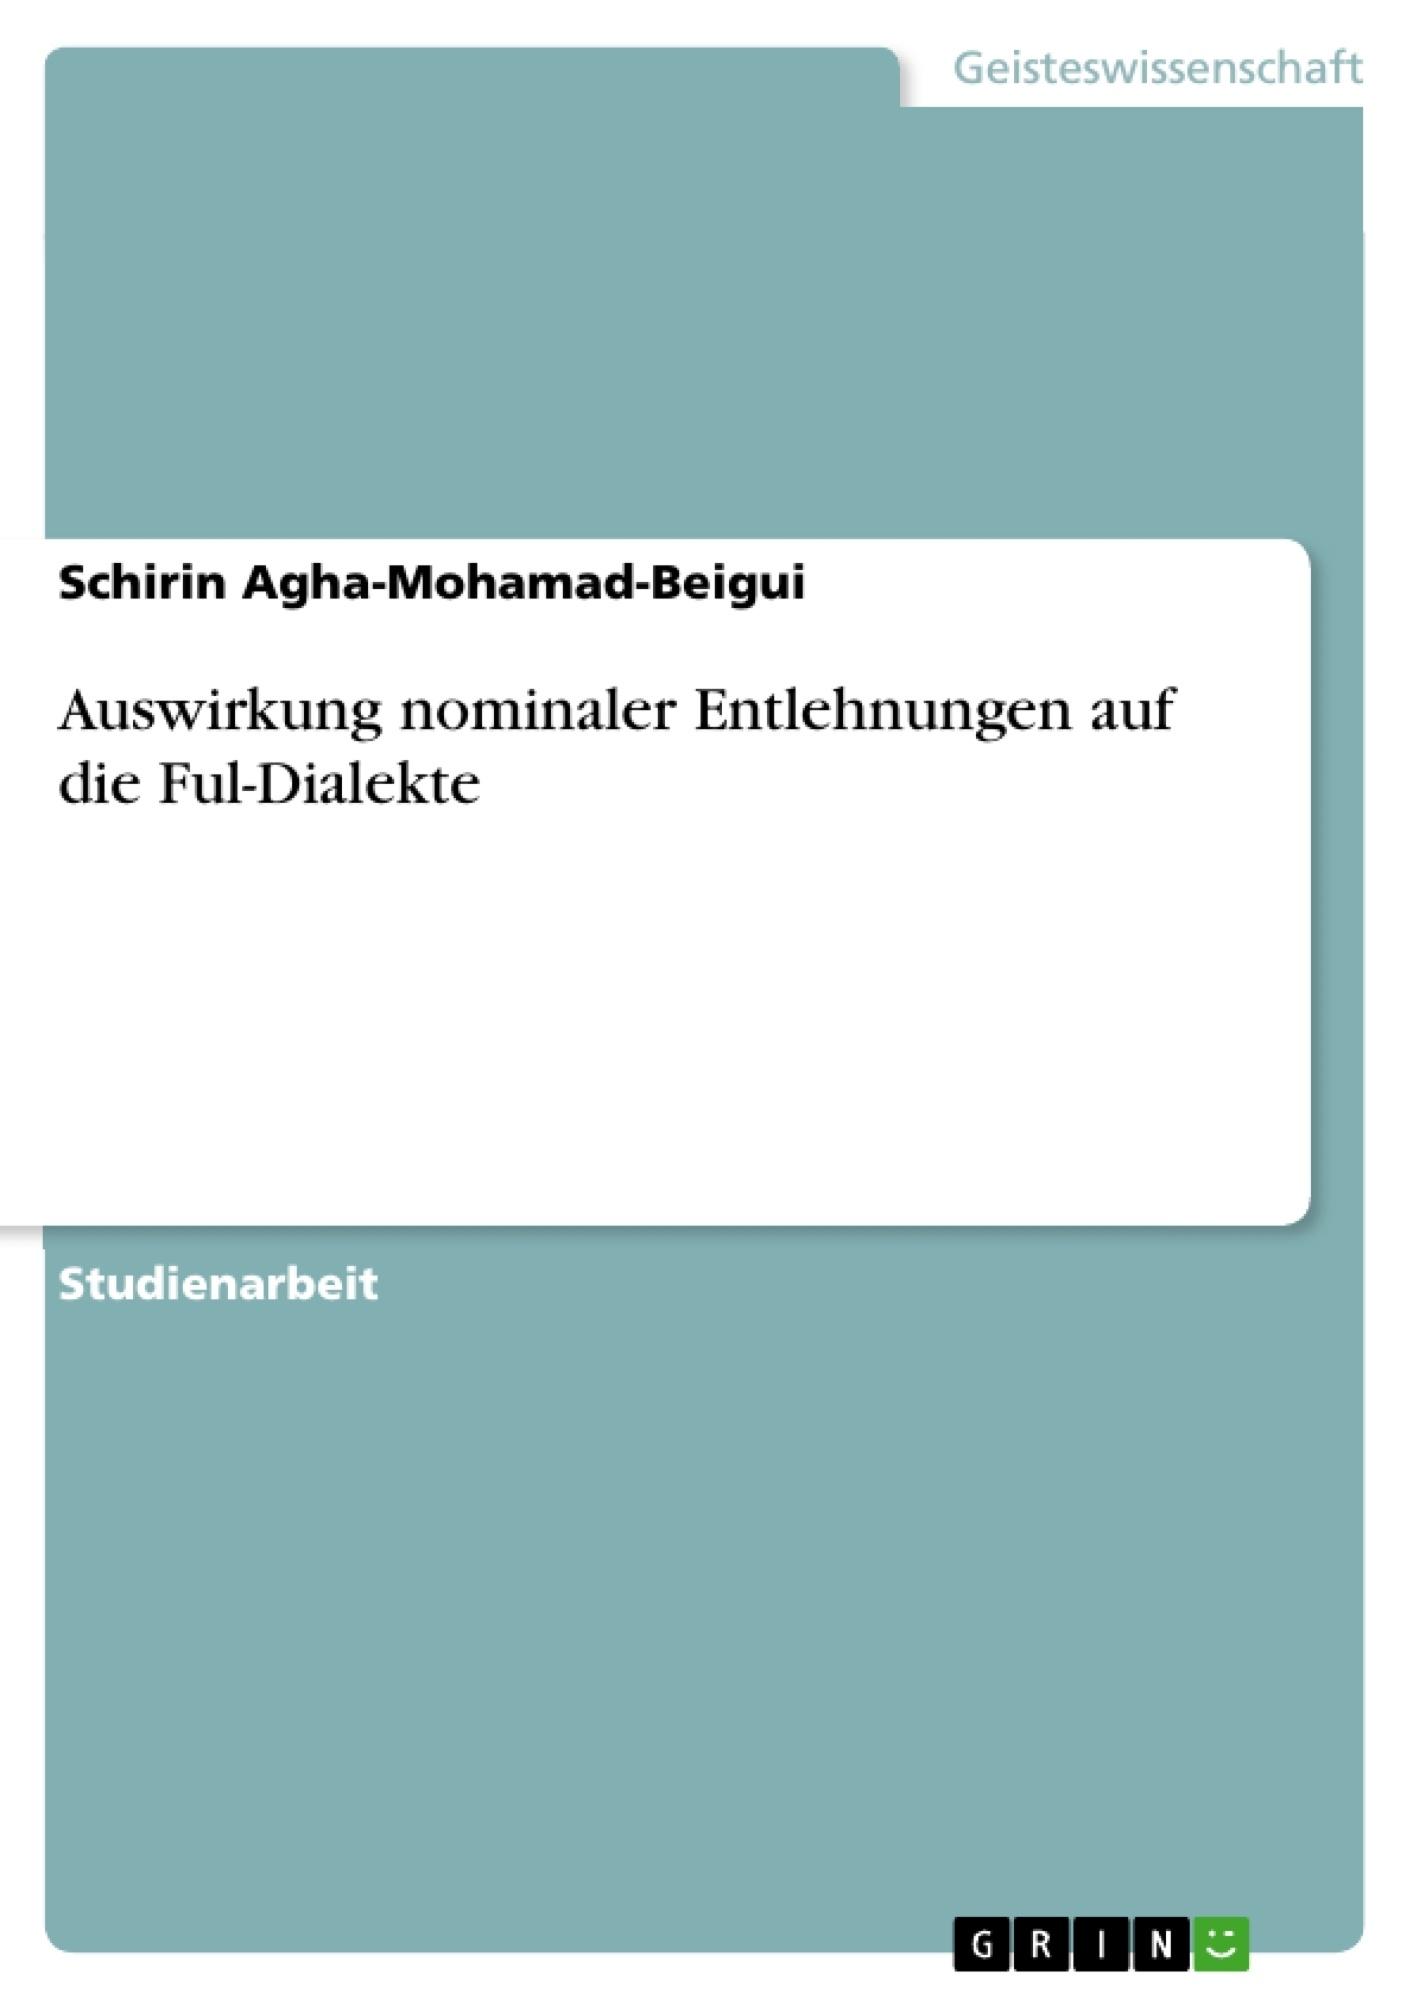 Titel: Auswirkung nominaler Entlehnungen auf die Ful-Dialekte